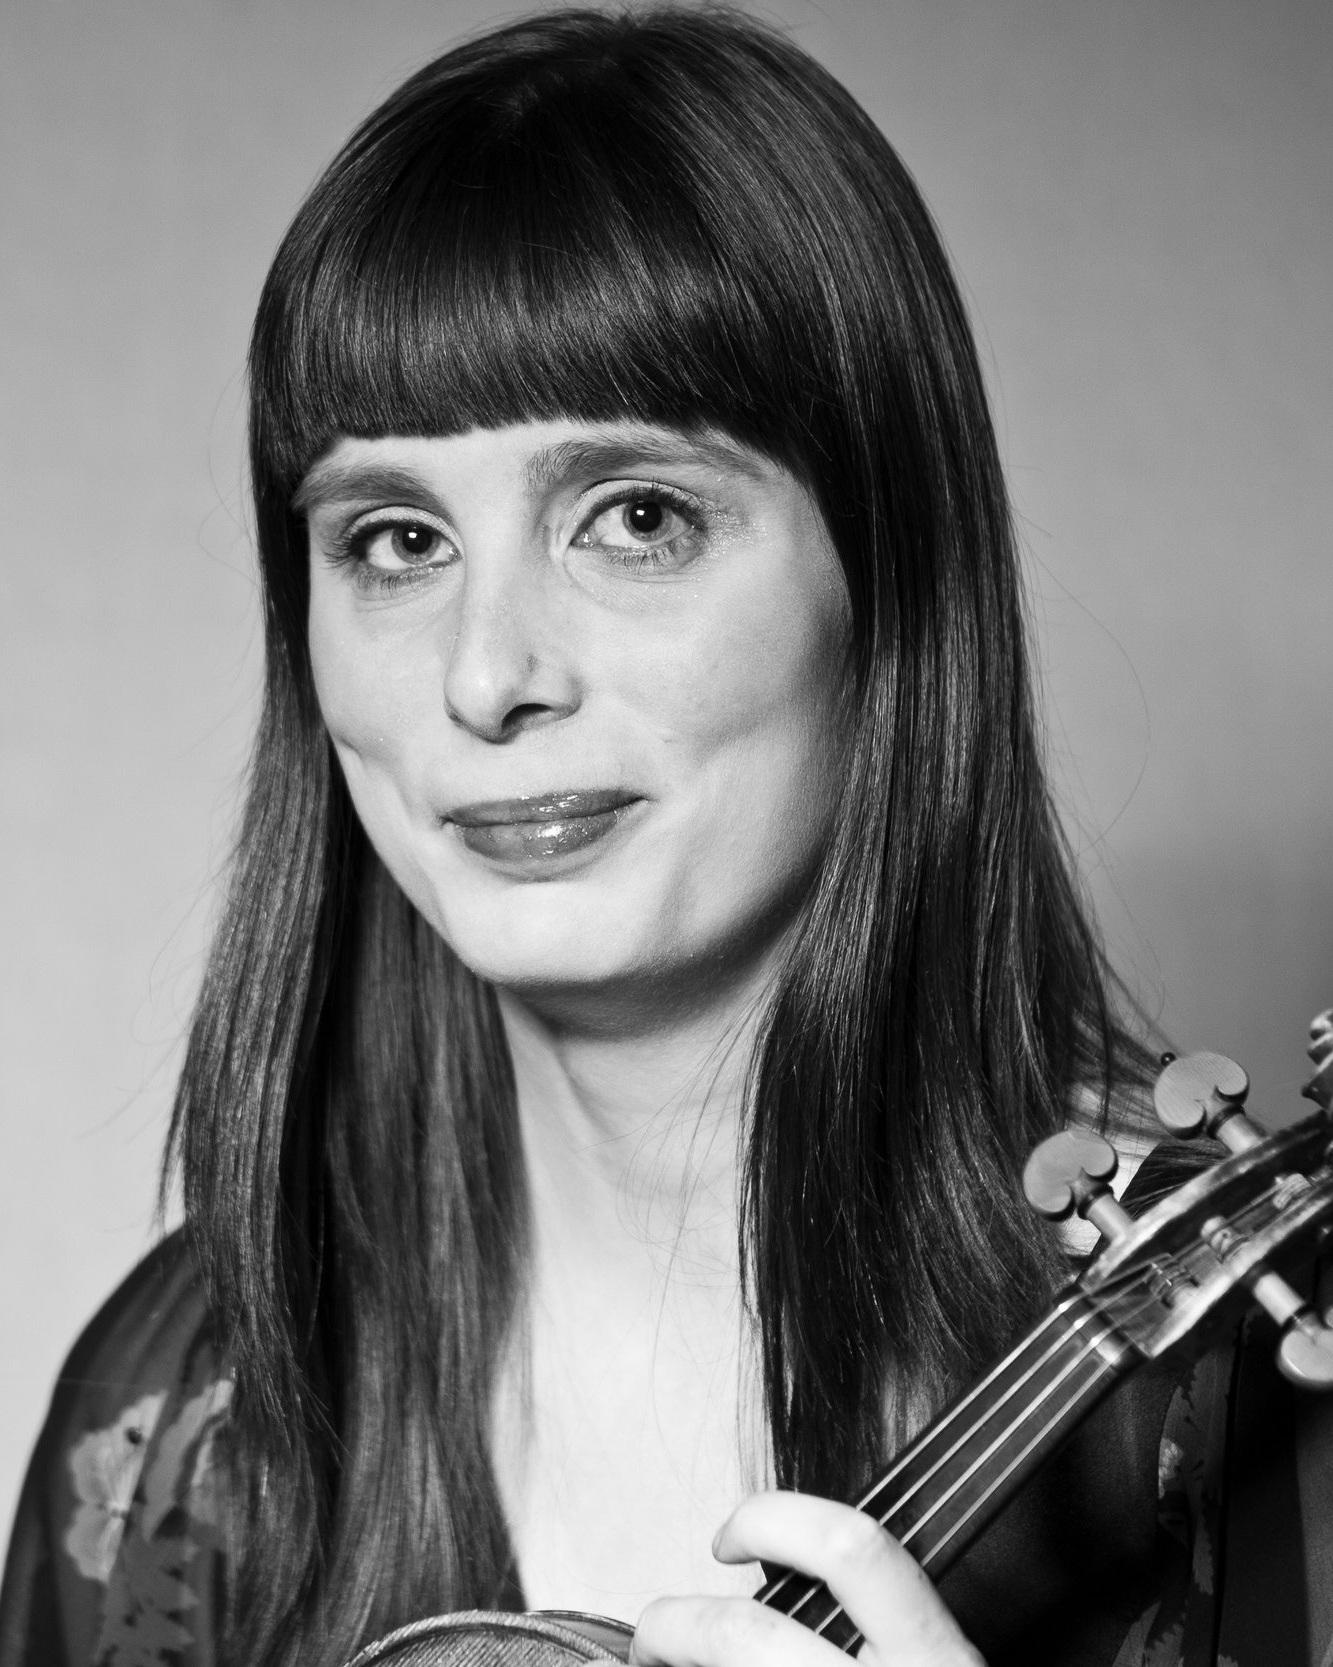 Gróa Margrét Valdimarsdóttir